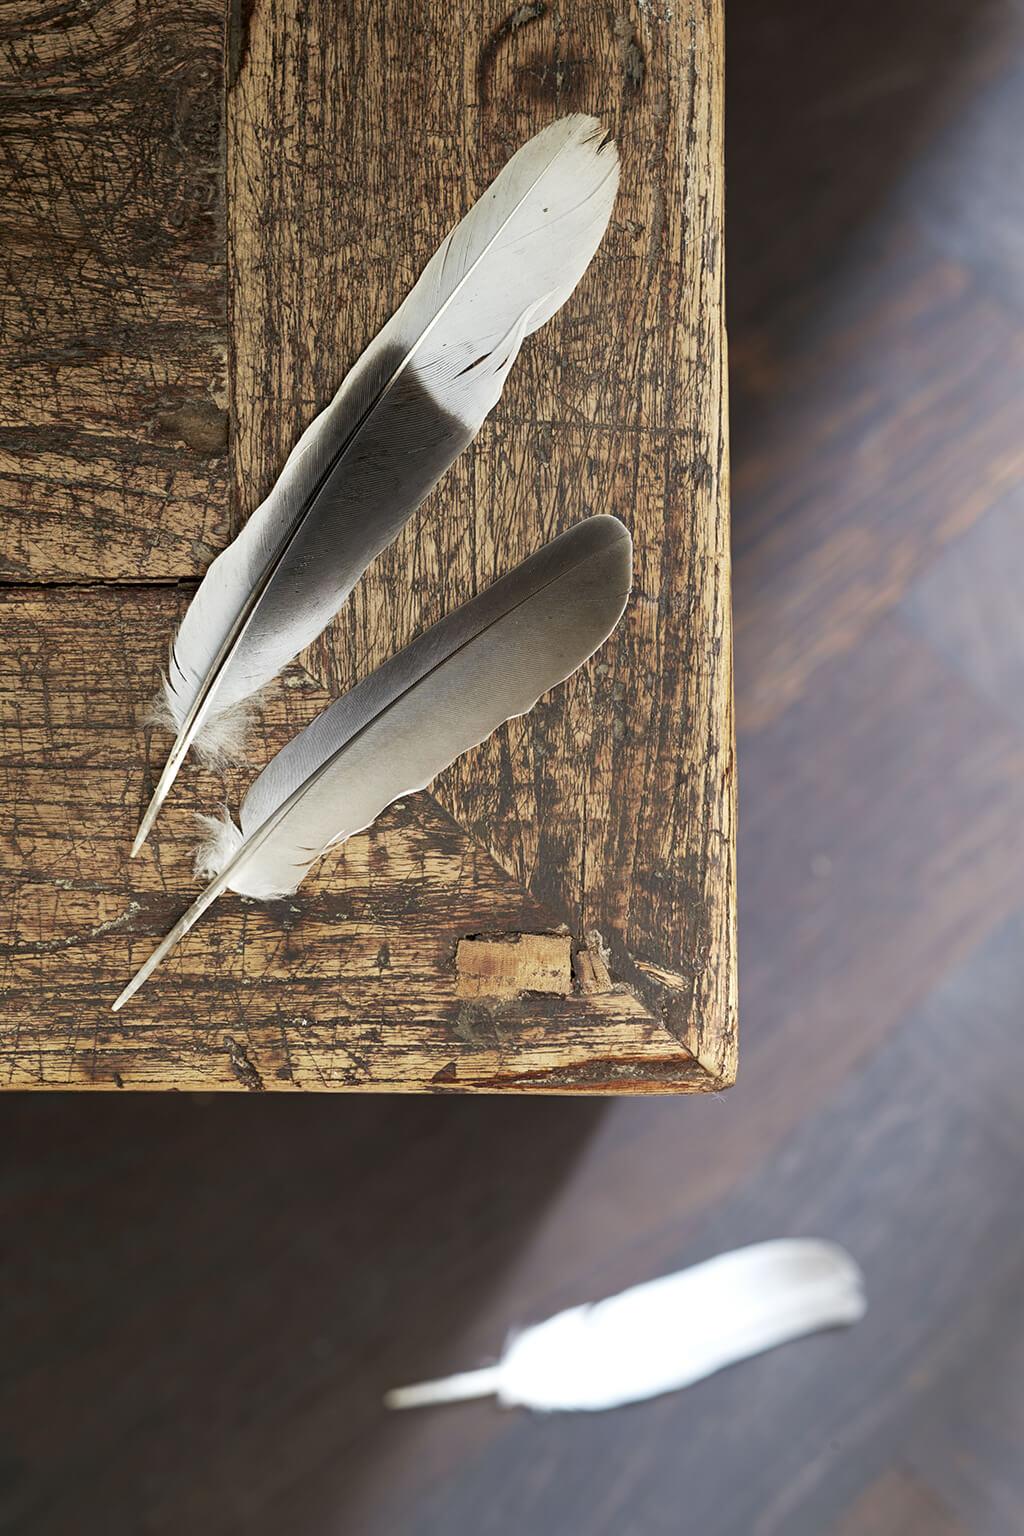 Shabby Chic abgegriffener Holztisch mit Federn